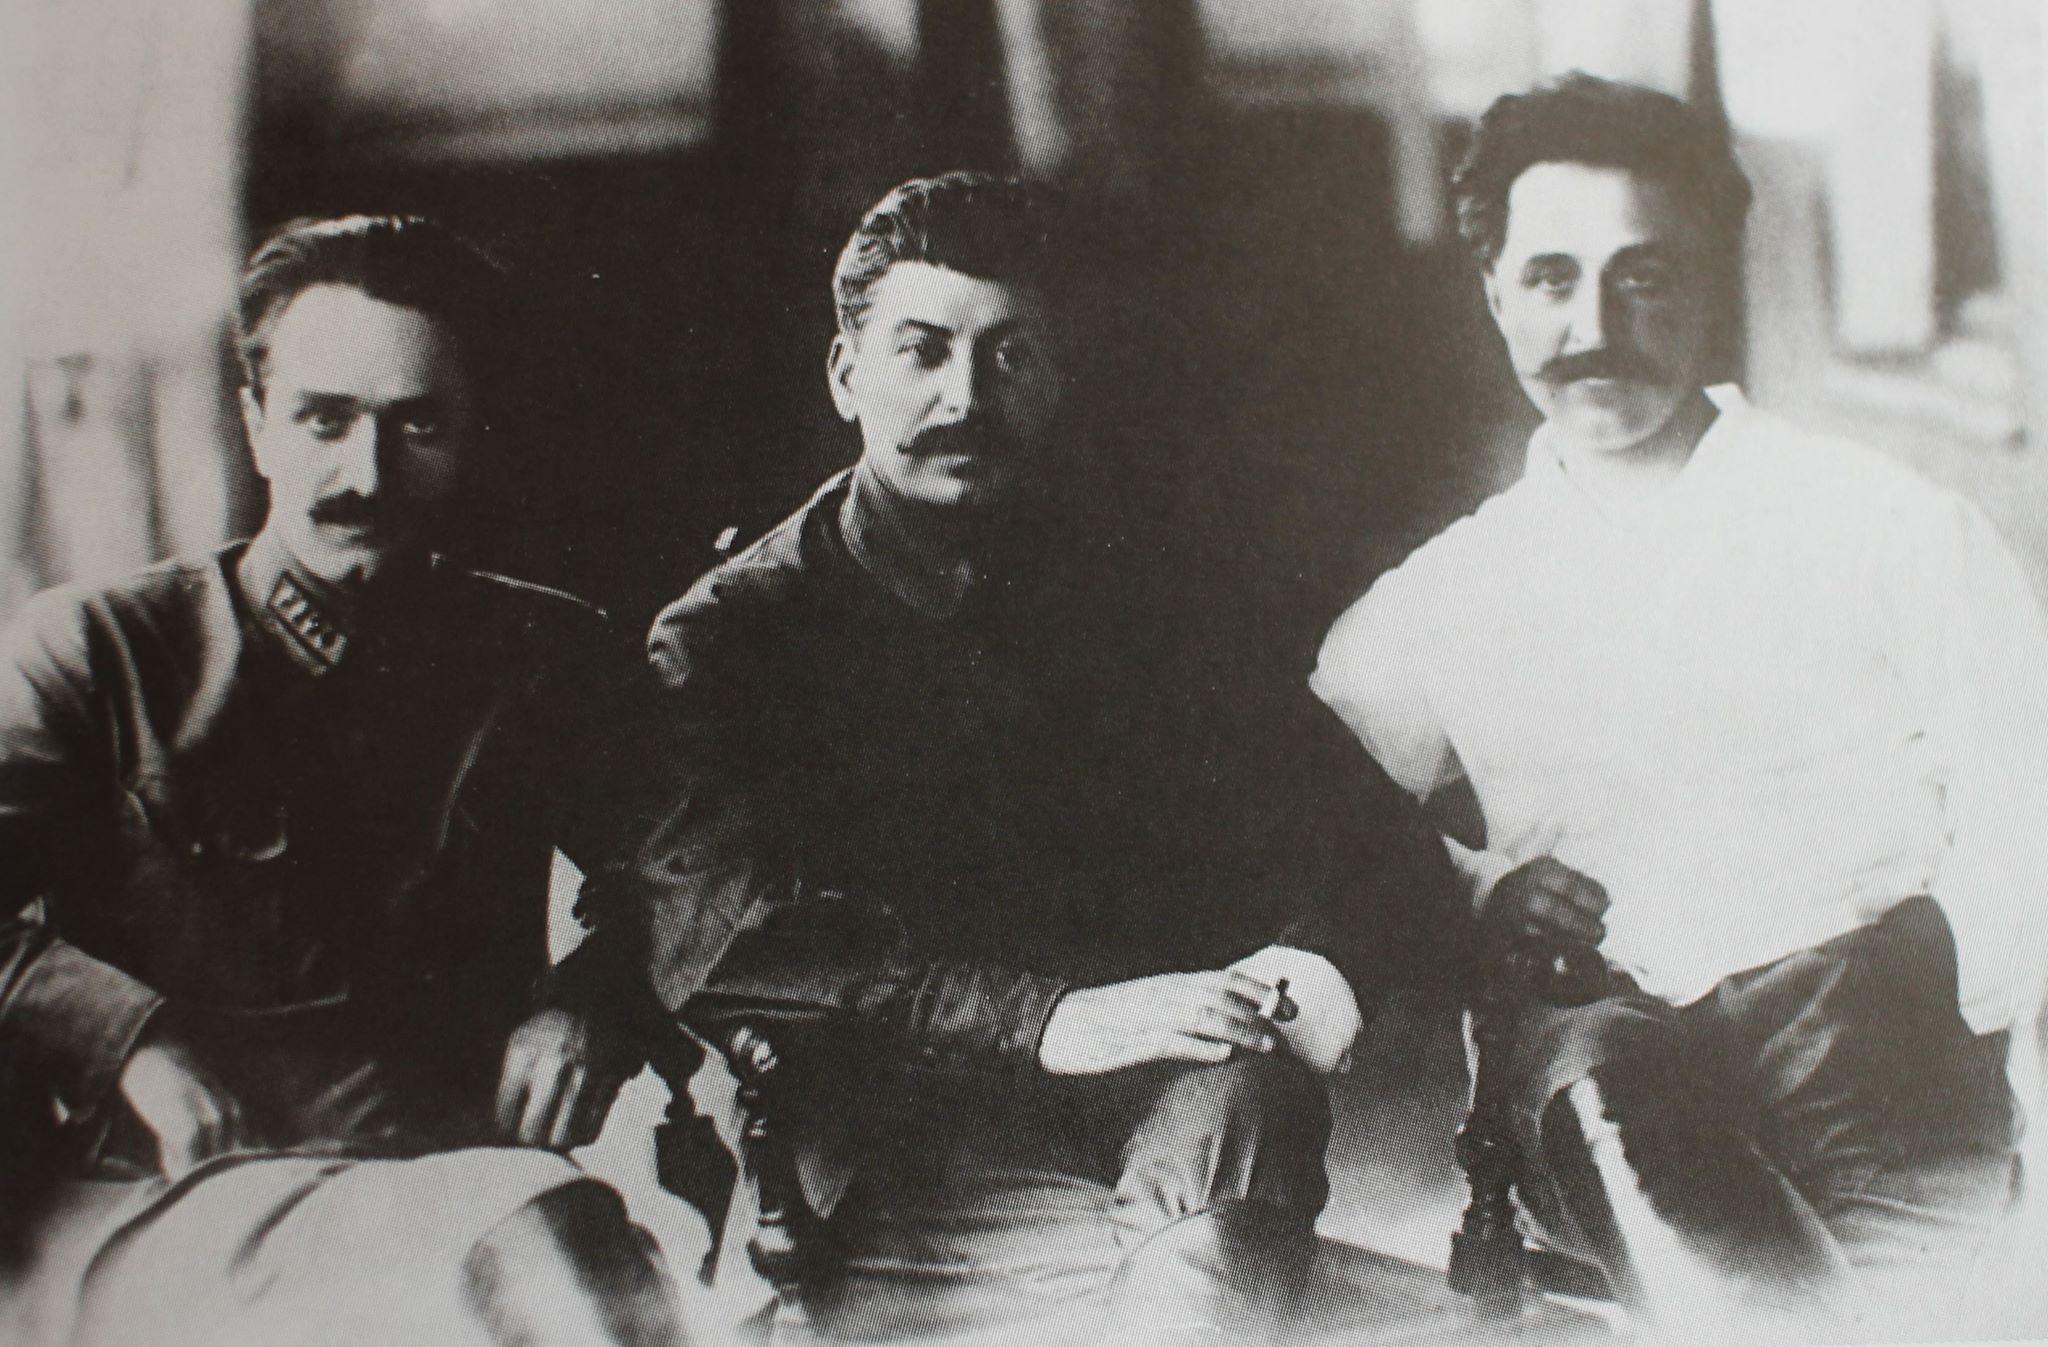 Микоян, Сталин, Орджоникидзе, 30-е годы